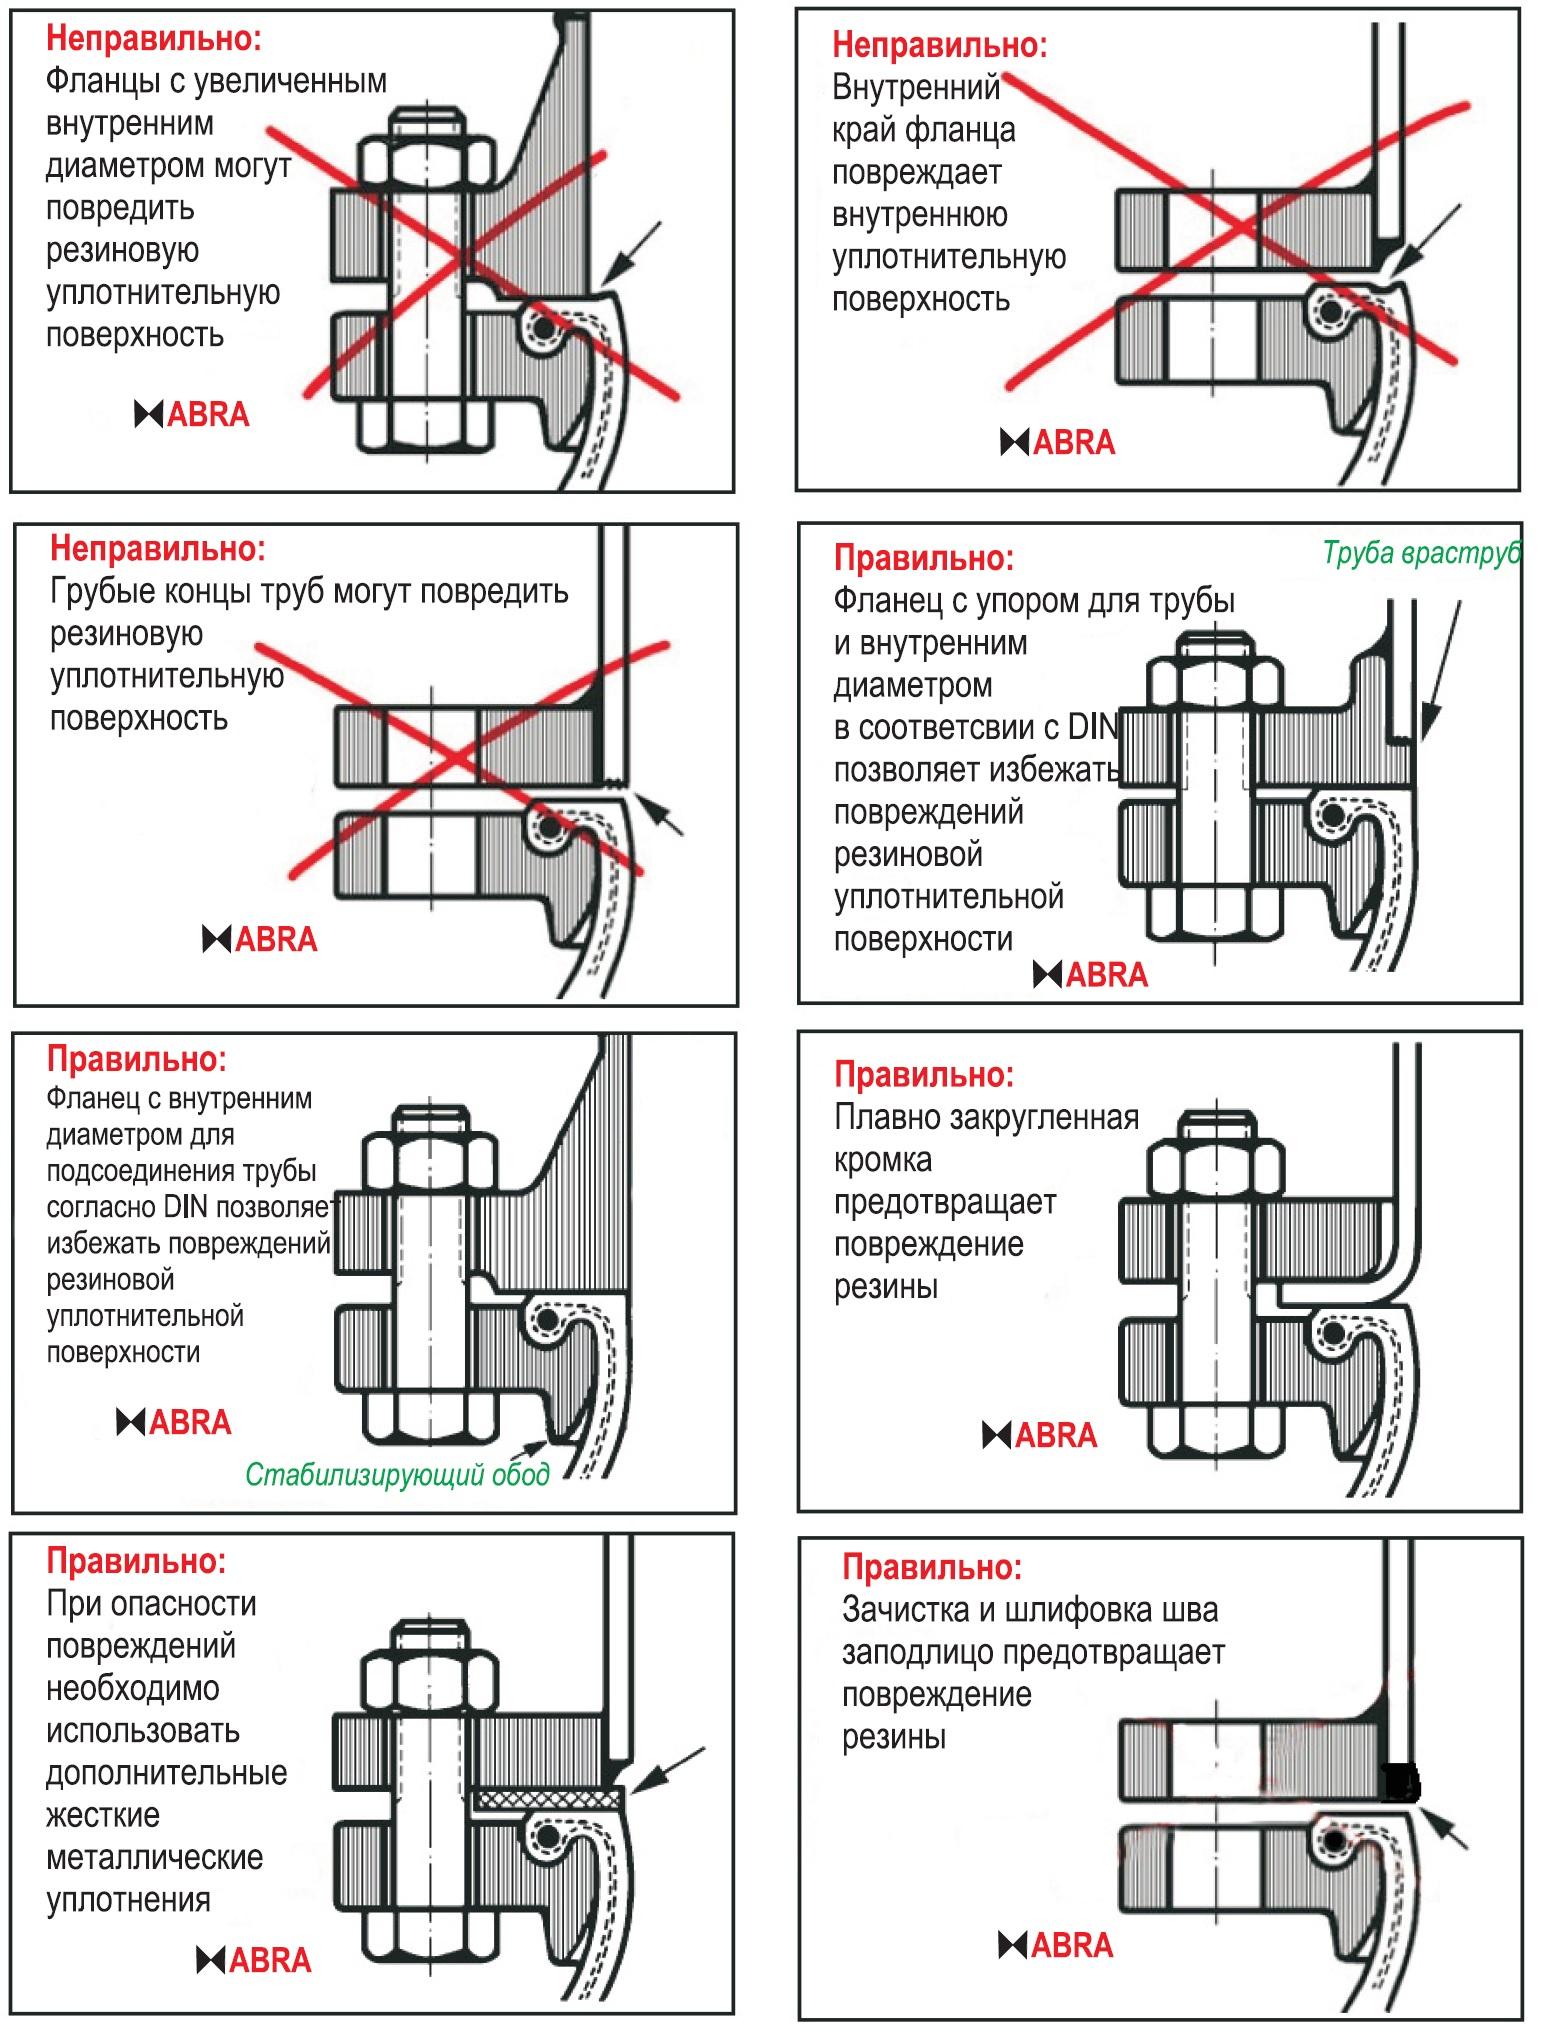 Обратите внимание на правильный подбор и подготовку фланцев к монтажу гибкой вставки (вибровставки) - виброкомпенсатора. Очень важным является использование динамометрического ключа. Моменты затяжки и последовательность операций см. ниже.